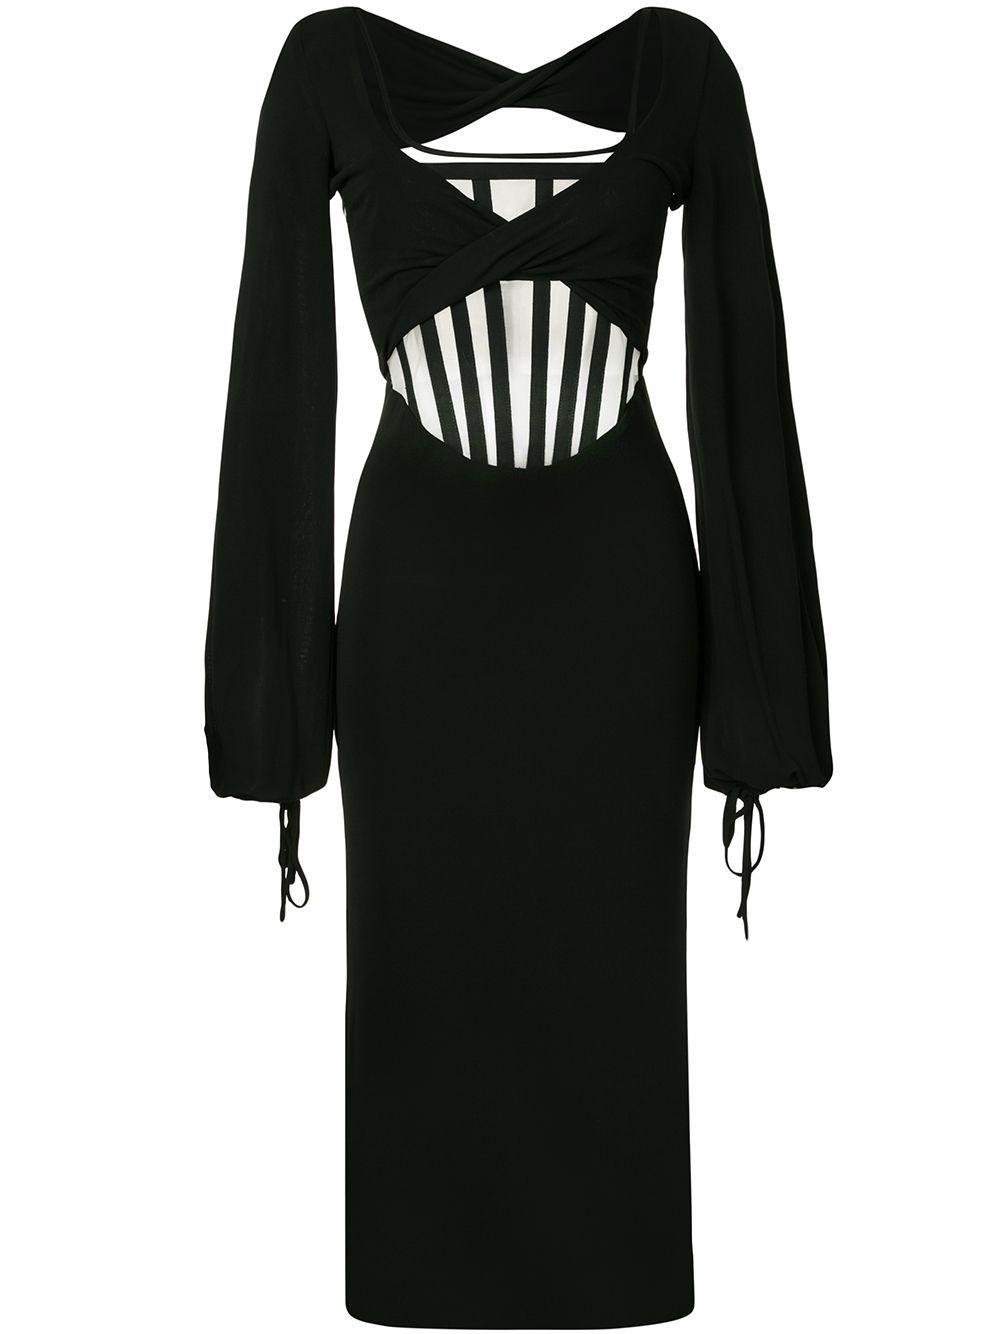 Dion Lee Twist Jersey Corset Dress Farfetch Dion Lee Fashion Corset Dress [ 1334 x 1000 Pixel ]